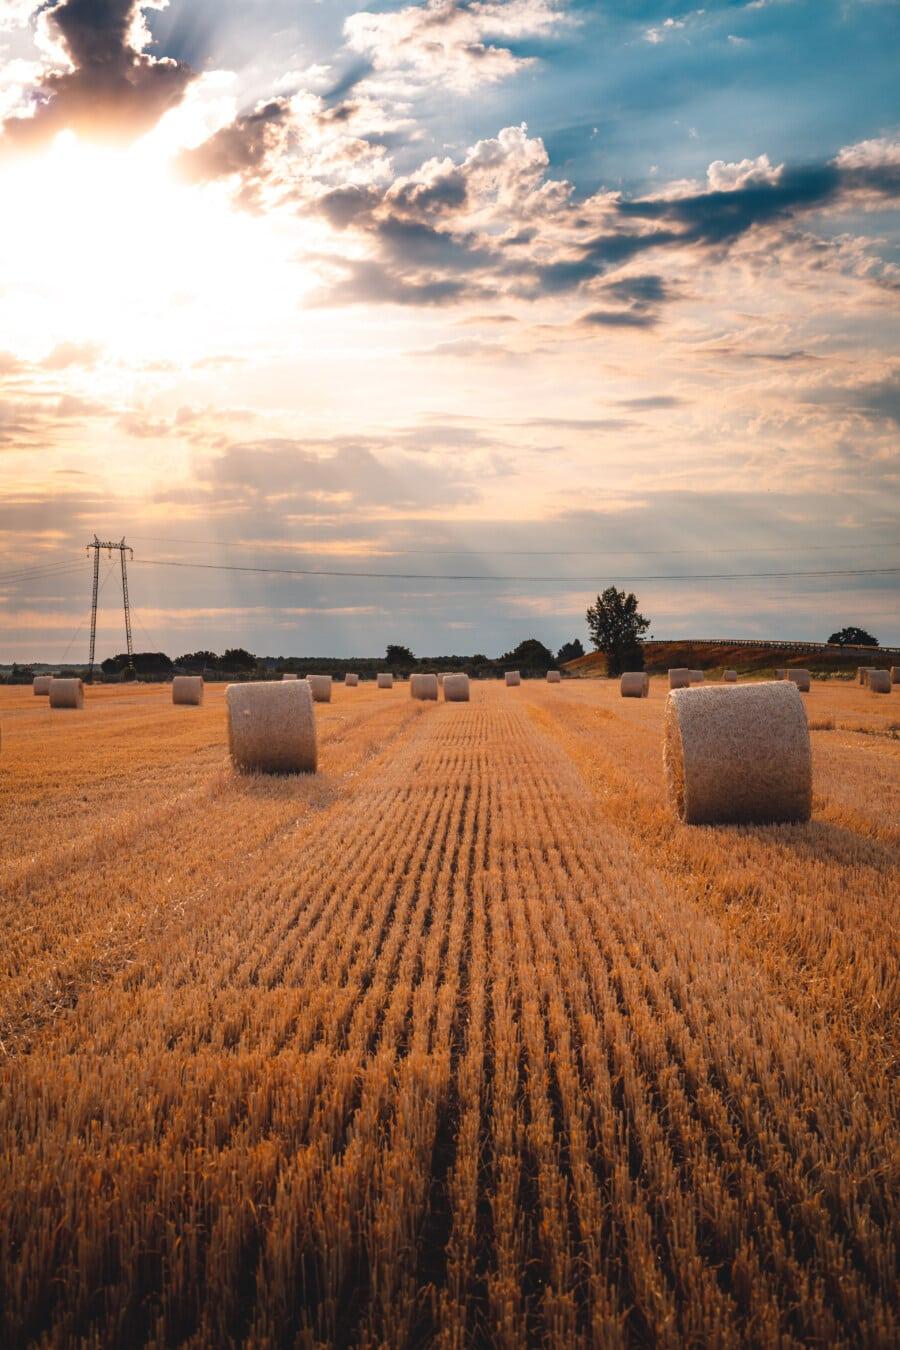 dag, soligt, solsken, hö fält, hö, runda, landsbygdens, skörd, gård, fältet